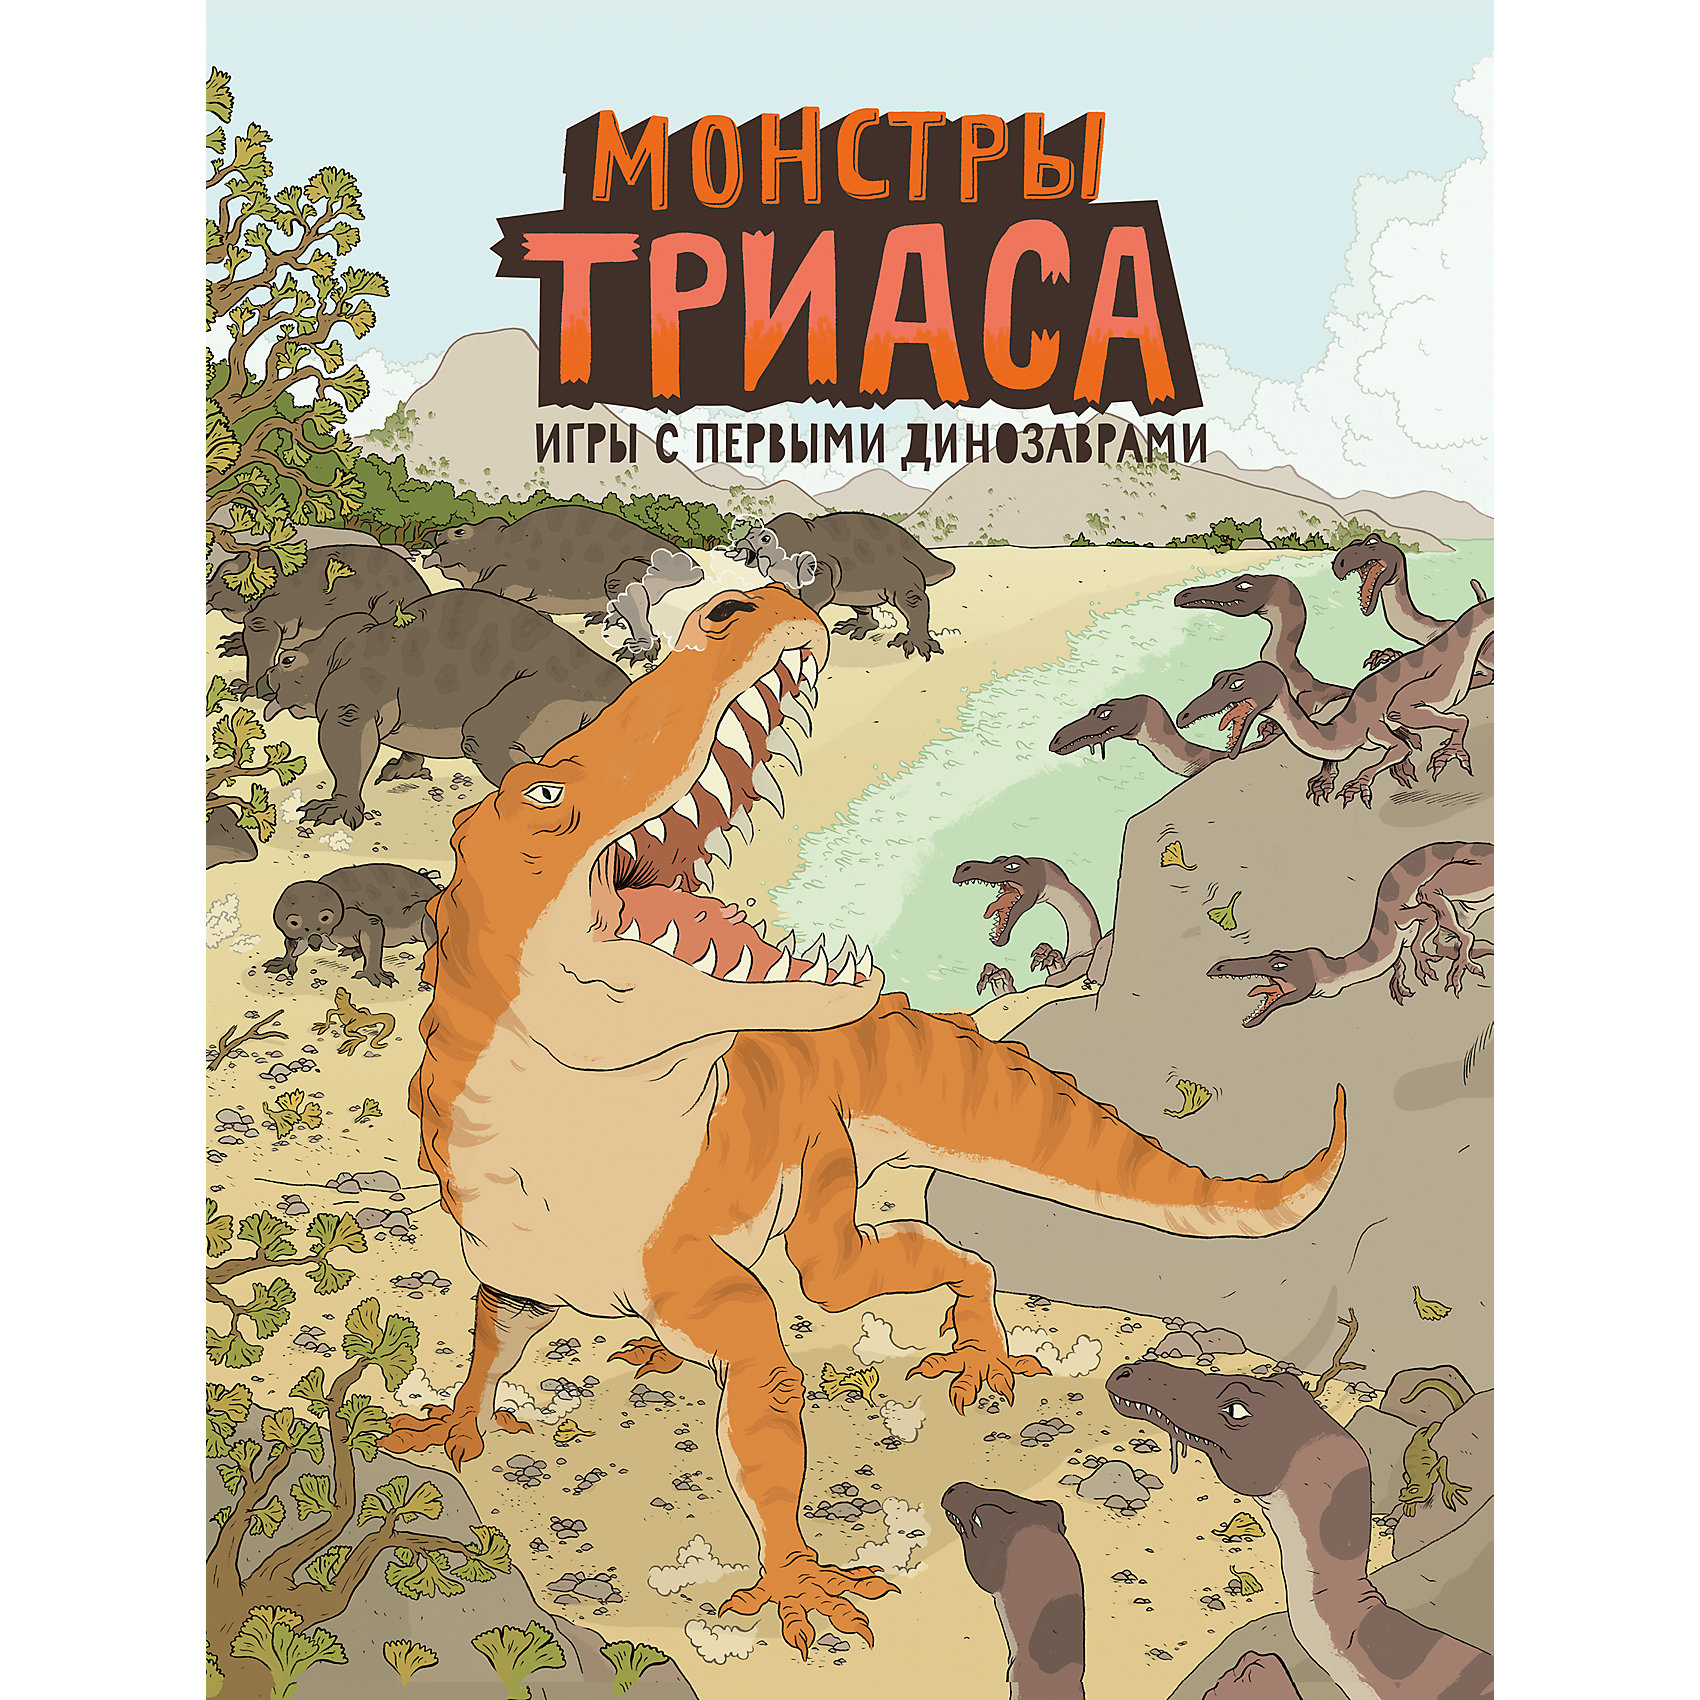 Игры с первыми динозаврами Монстры триасаТесты и задания<br>Книга Монстры триаса. Игры с первыми динозаврами поможет Вашему ребенку отправиться в захватывающее путешествие в эпоху триаса - во времена, когда воды мирового океана омывали один единственный суперконтинент Пангею, а Землю населяли ужасные монстры: предки современных крокодилов - псевдозухии, прародители млекопитающих - синапсиды и самые первые динозавры. Вы узнаете как выглядели ранние динозавры, чем питались и какой вели образ жизни, кто из них жил на суше, кто в воде, а кто первым освоил небеса. Эта необычная книга-игра с веселыми заданиями и увлекательными играми познакомит Вашего ребенка с триасовым периодом и расскажет о том, какие животные населяли нашу планету 250 миллионов лет назад. В книге есть игры, в которые можно играть и после прочтения: игра-ходилка и игра- рыбалка. Для детей младшего школьного возраста.<br><br>Дополнительная информация:<br><br>- Автор: Ник Крамптон.<br>- Художник: Айзек Ленкивиц.<br>- Переплет: твердая обложка.<br>- Иллюстрации: цветные.<br>- Объем: 36 стр. <br>- Размер: 32,1 x 25 x 0,5 см.<br>- Вес: 0,2 кг. <br><br>Книгу Монстры триаса. Игры с первыми динозаврами, Манн, Иванов и Фербер, можно купить в нашем интернет-магазине.<br><br>Ширина мм: 321<br>Глубина мм: 250<br>Высота мм: 5<br>Вес г: 208<br>Возраст от месяцев: 72<br>Возраст до месяцев: 144<br>Пол: Унисекс<br>Возраст: Детский<br>SKU: 4414899